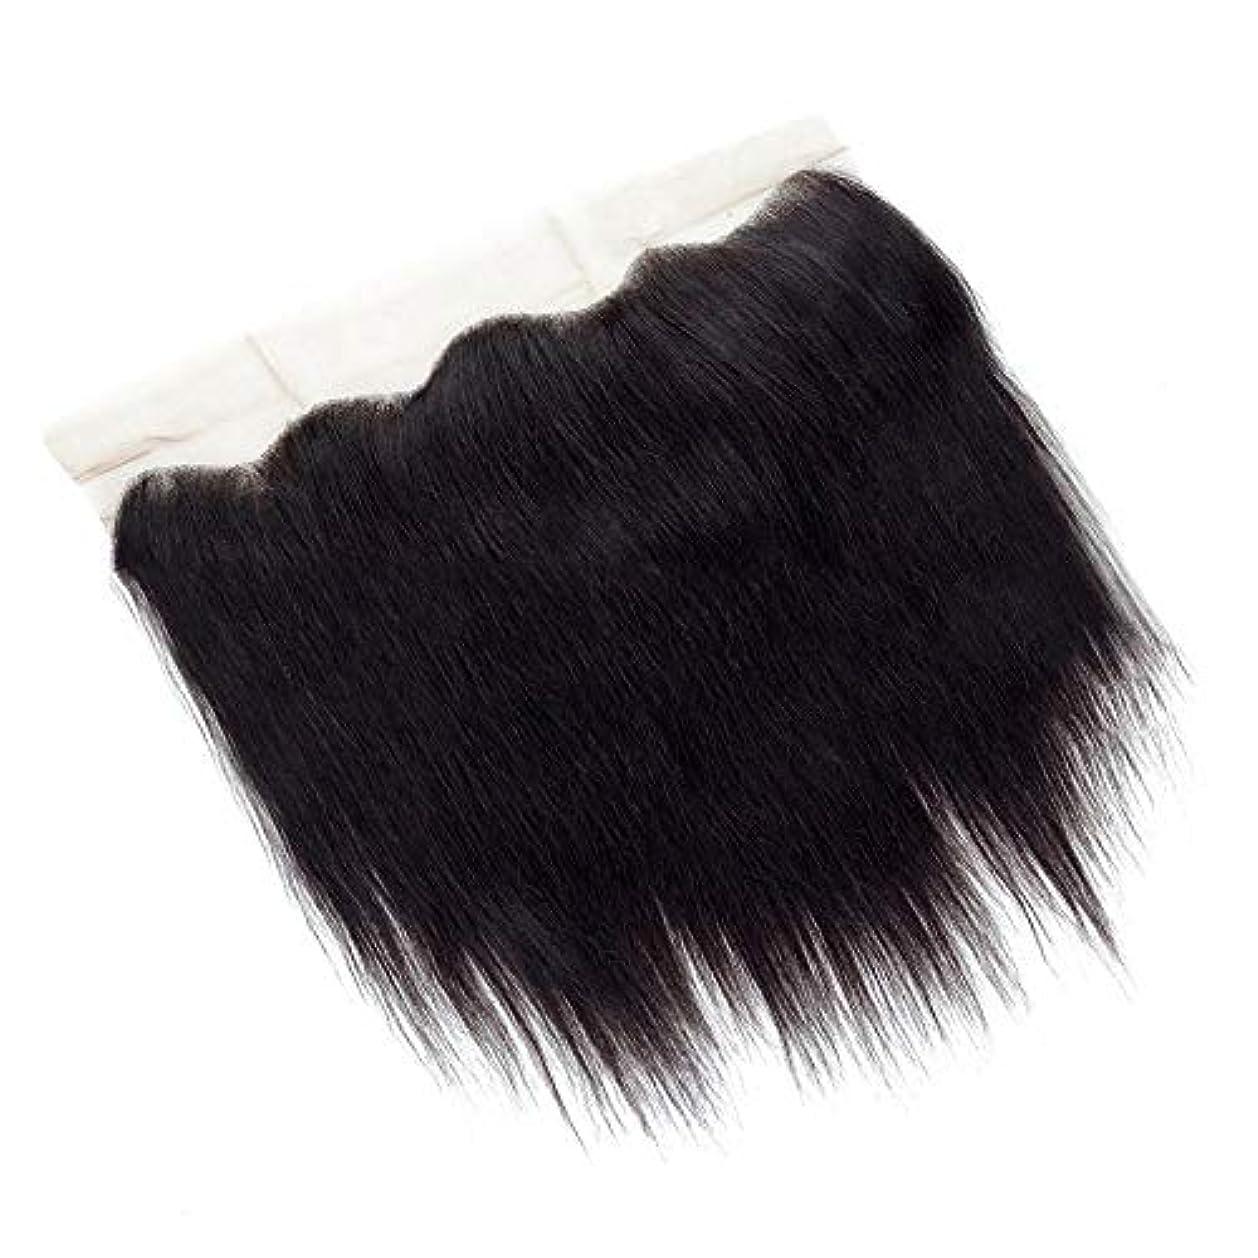 誘惑便益毒性WASAIO ブラジルのレースの前頭閉鎖の人間の毛髪延長の自然な色 (サイズ : 20 inch)